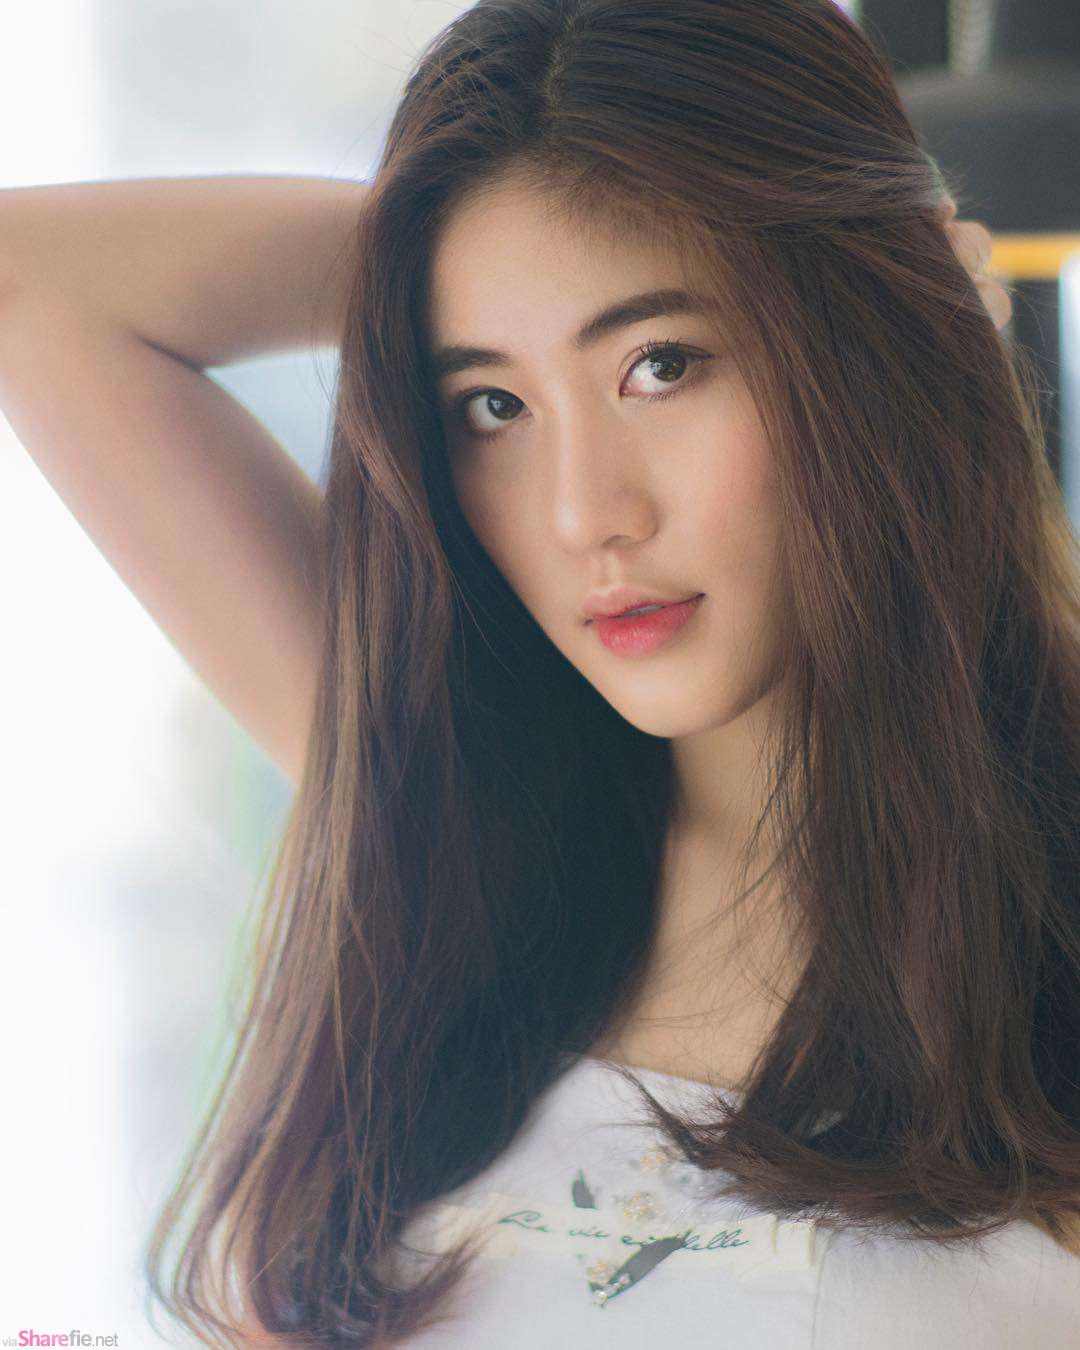 越南清新甜美正妹,身材超正